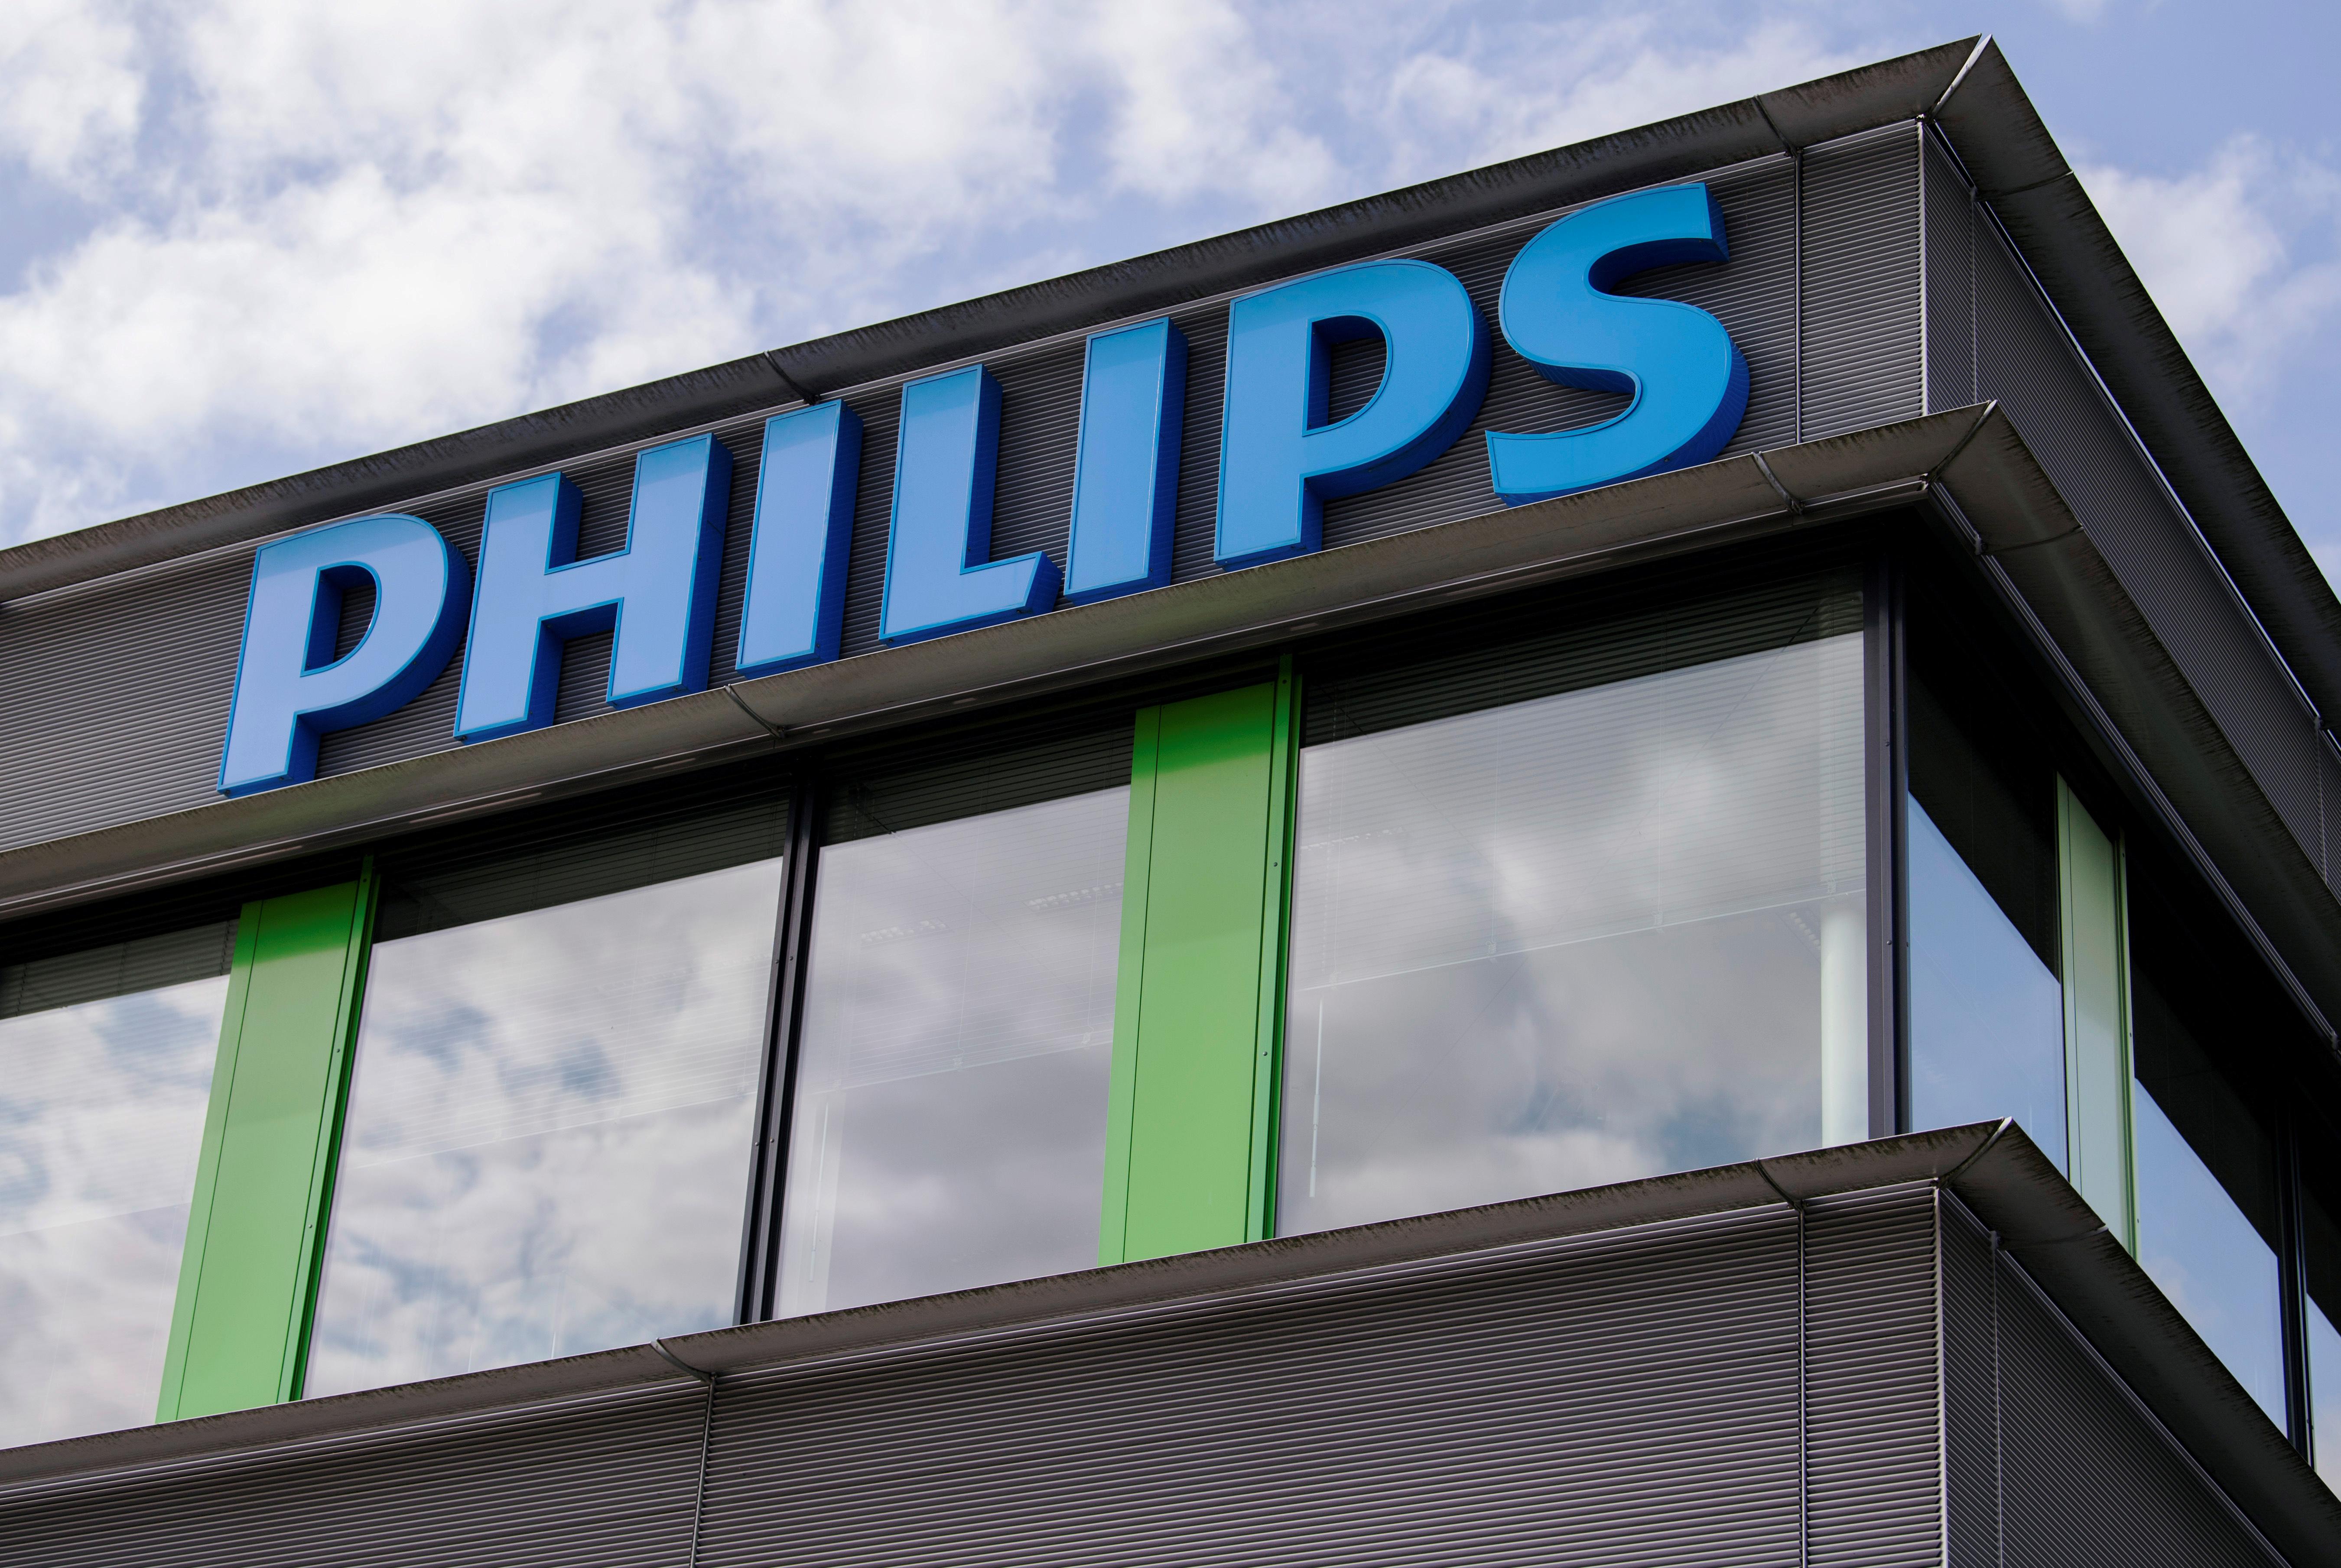 Philips Healthcare headquarters is seen in Best, Netherlands August 30, 2018. REUTERS/Piroschka van de Wouw